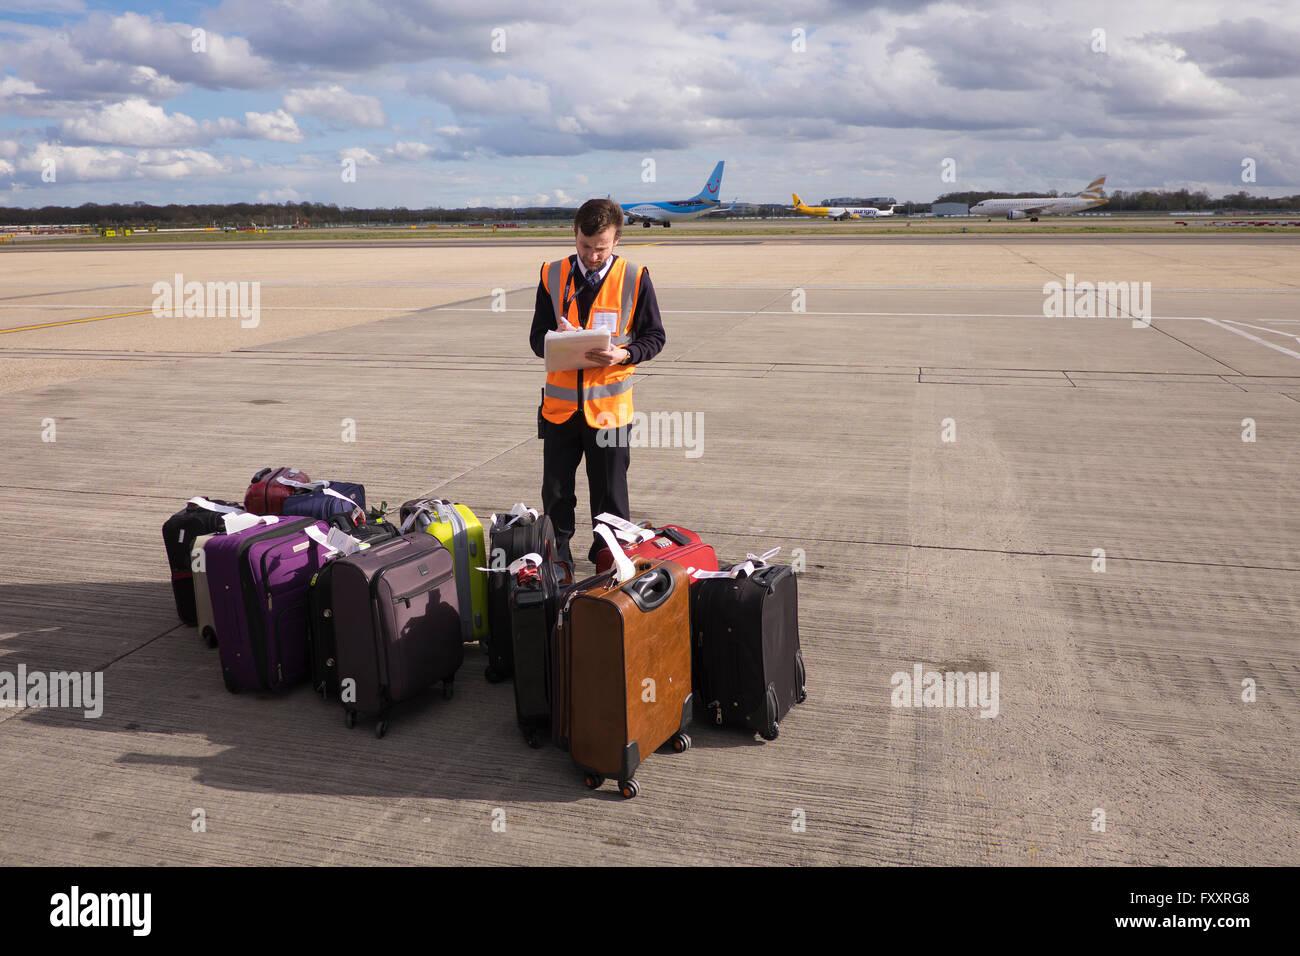 Baggage handler airside at Gatwick Airport in Surrey K - Stock Image